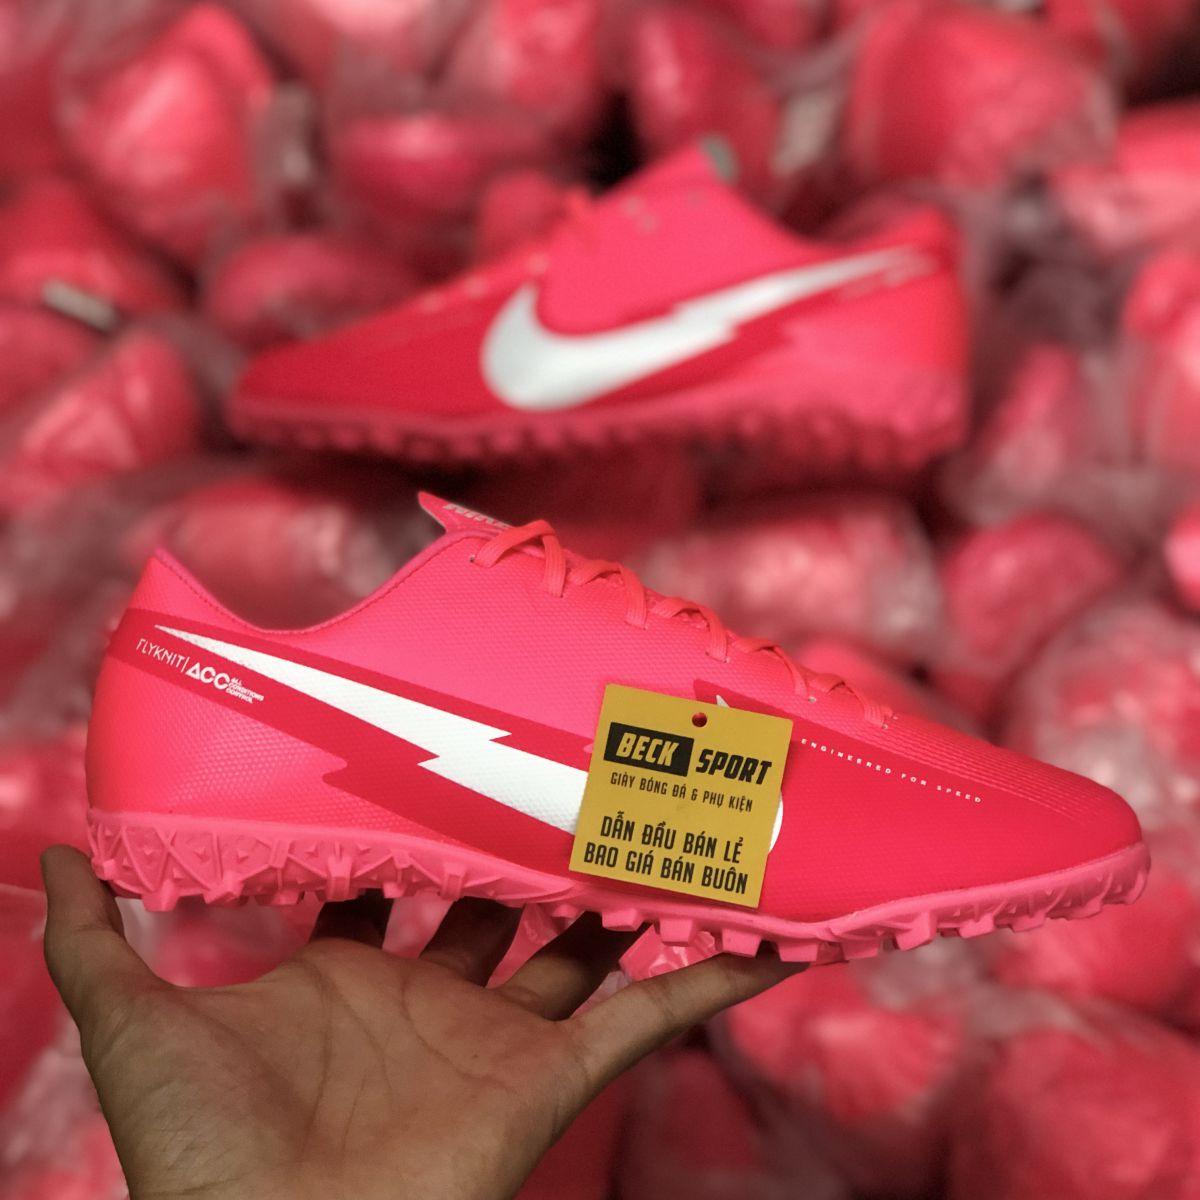 Giày Bóng Đá Nike Mercurial Vapor 13 Academy Hồng Vạch Trắng V2 TF